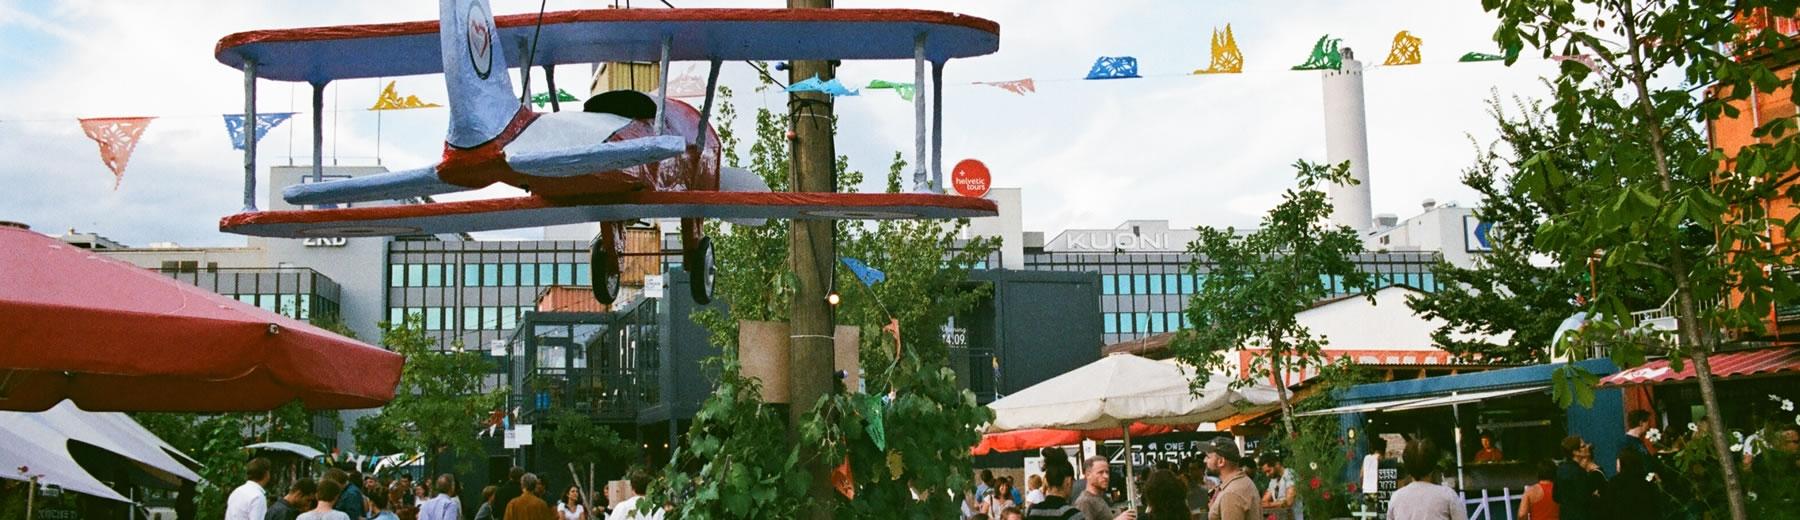 Sicht über die Foodstände im Gerolds Garten Zürich